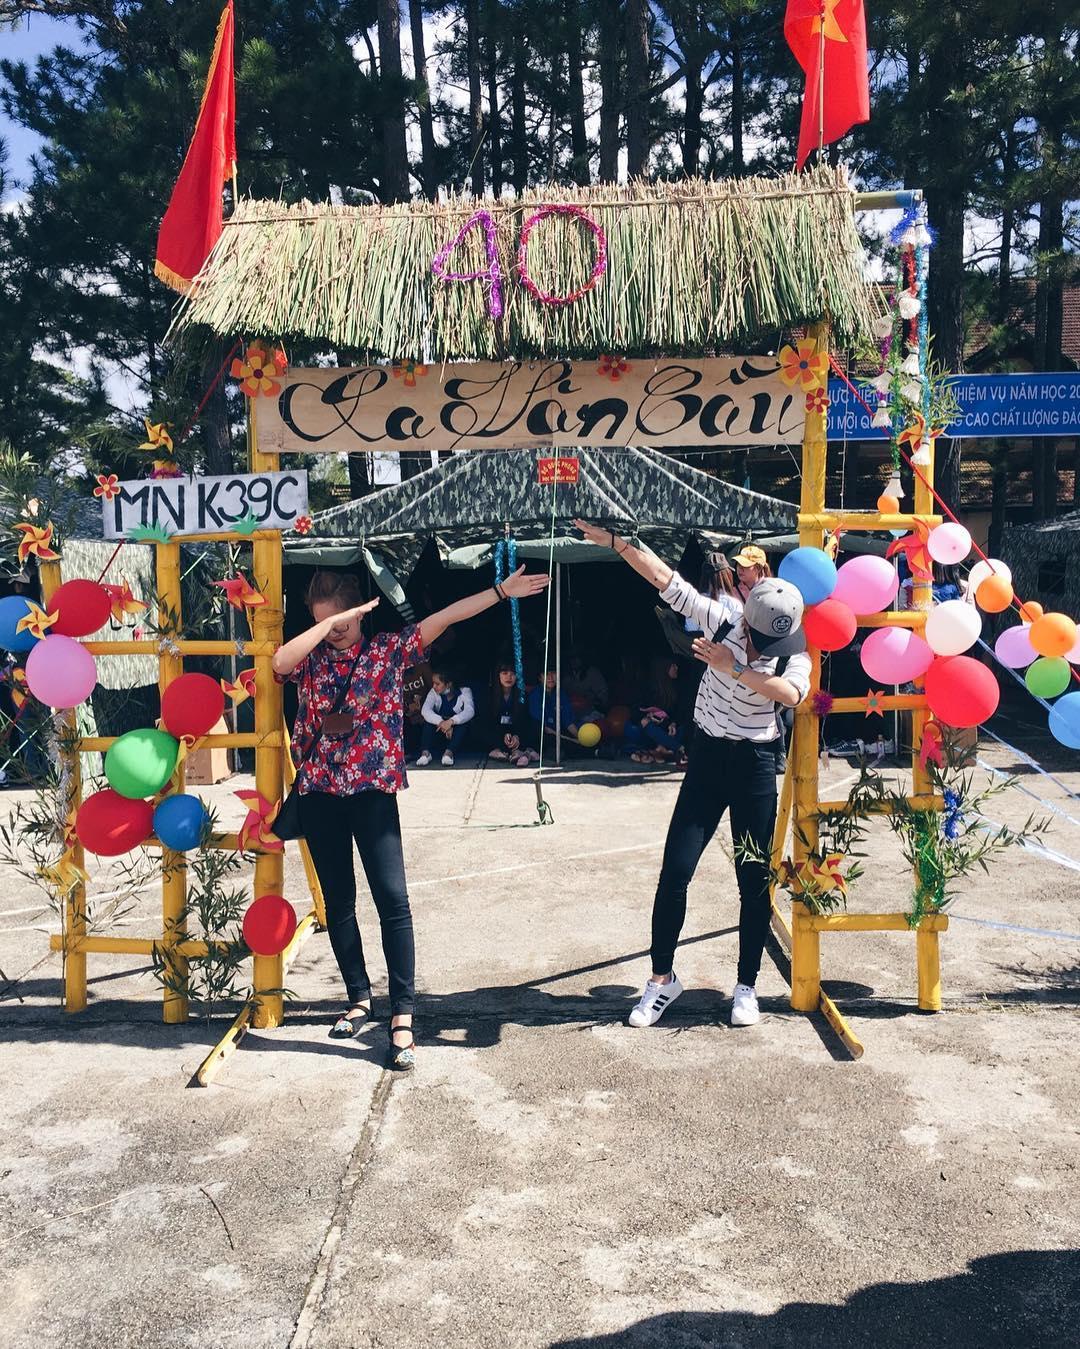 Cổng trại khẩu hiệu đoàn thanh niên Việt nam